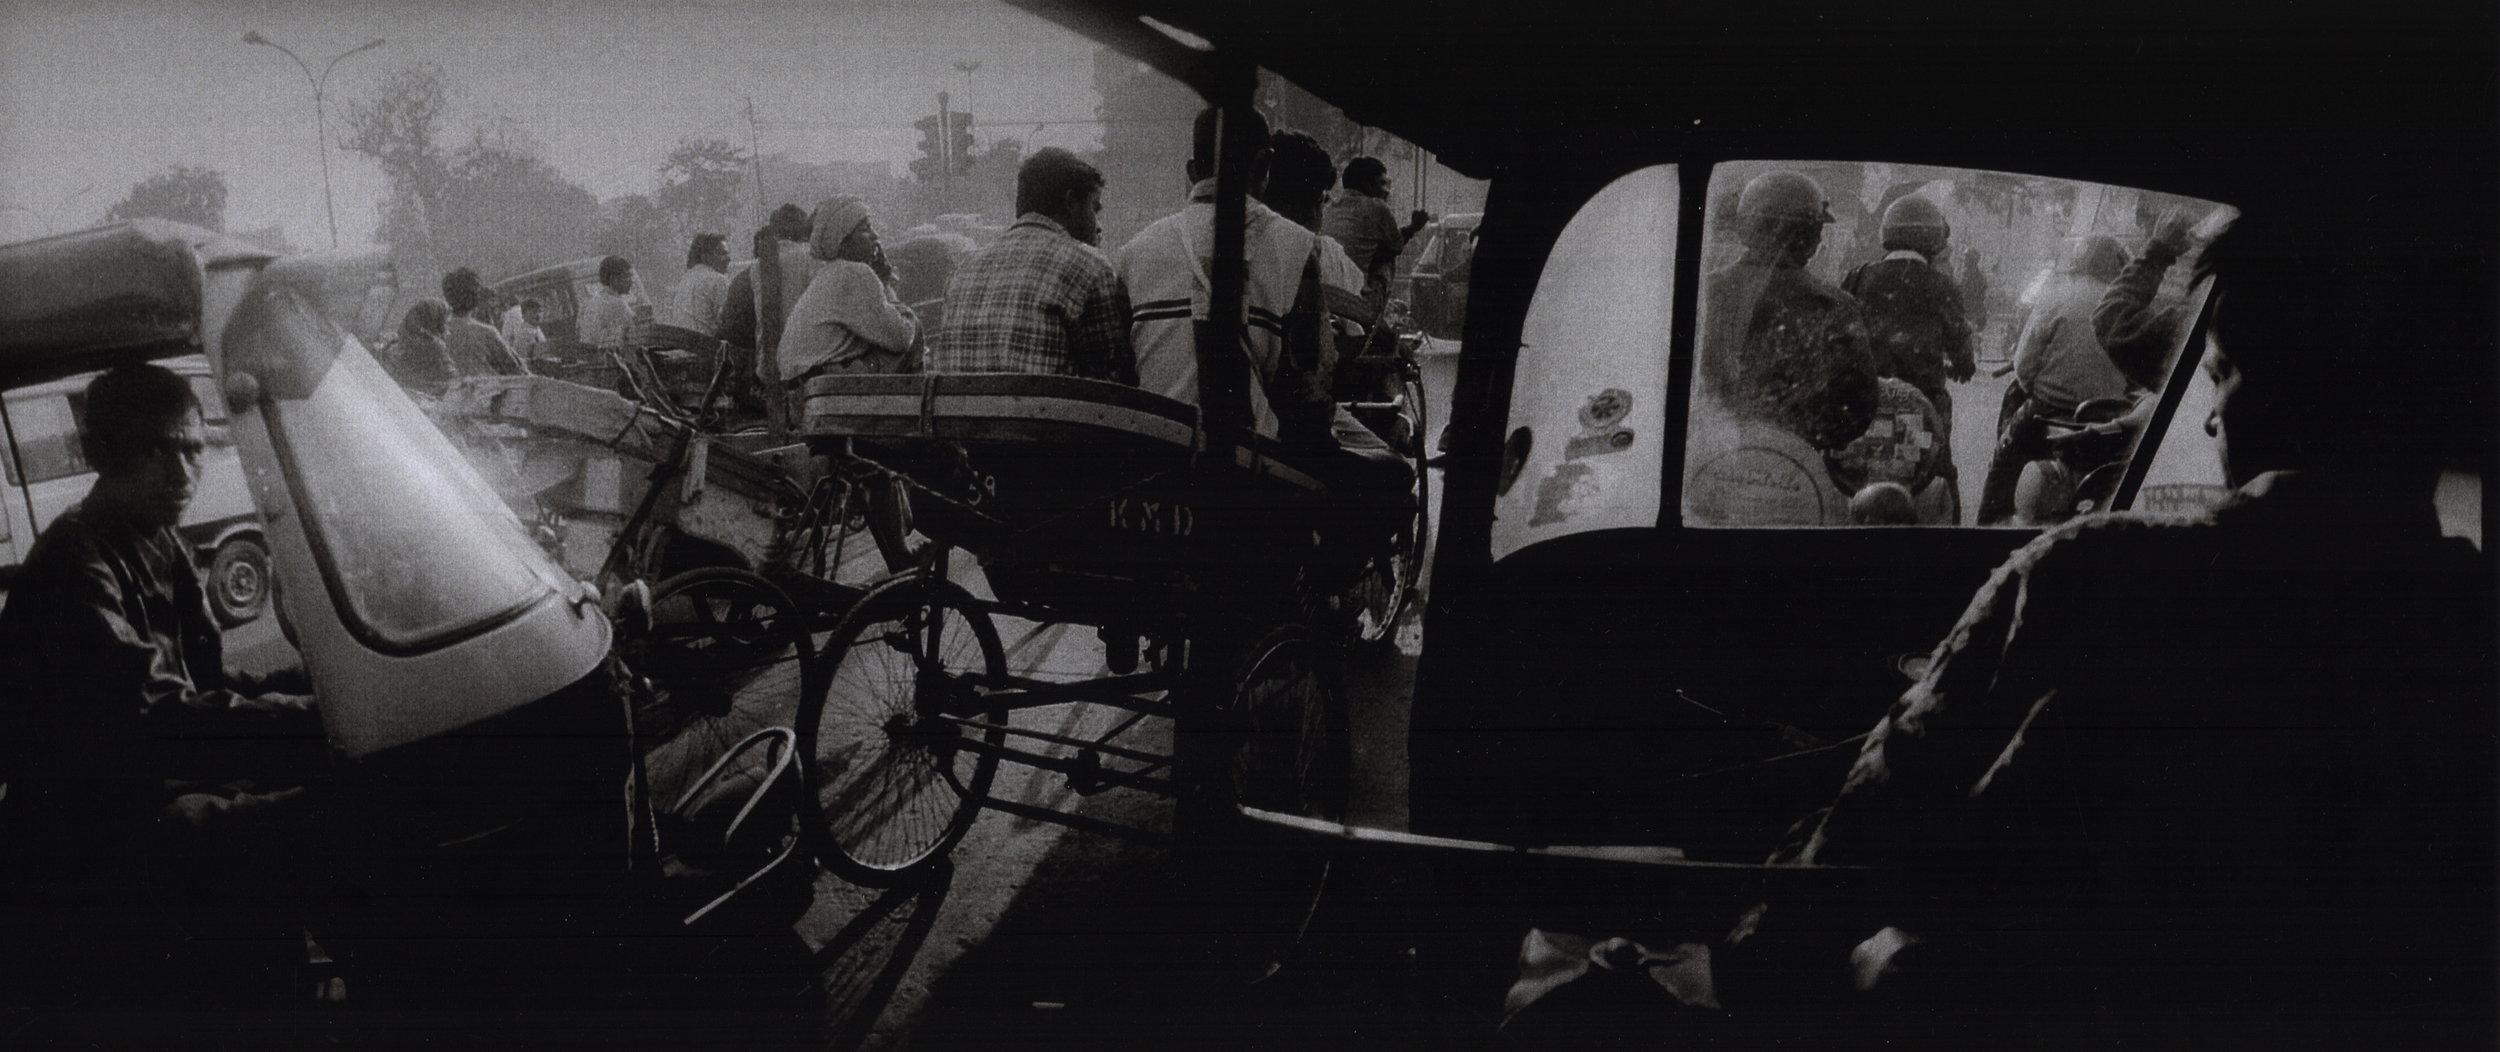 India 2001